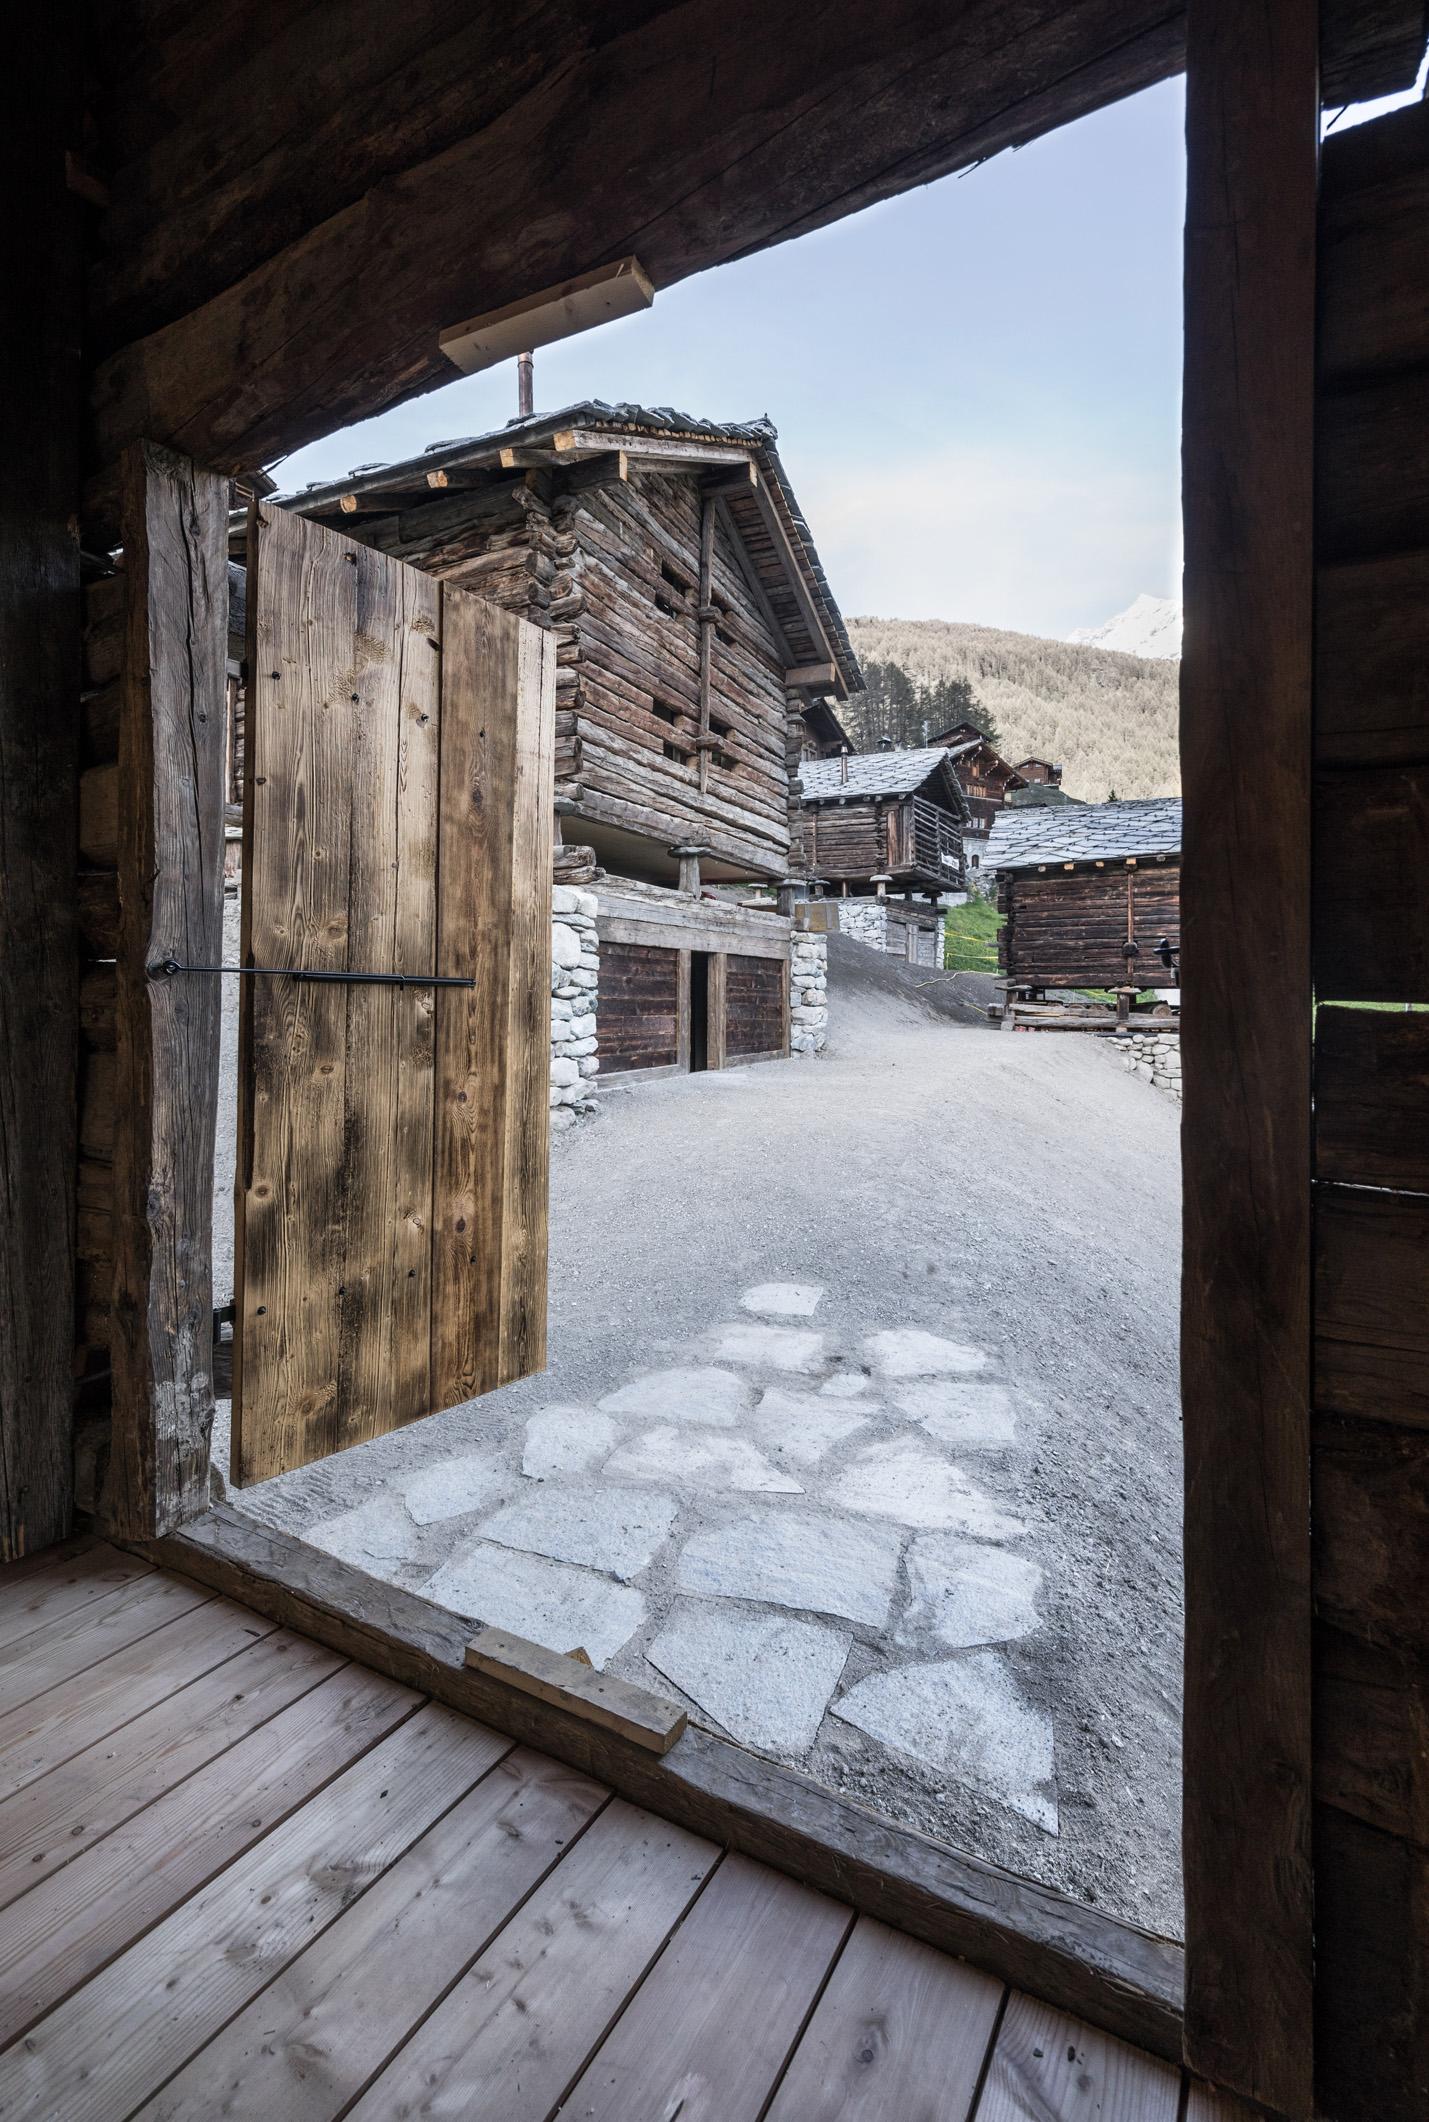 Mayen Anako lodge de l'architecte Olivier Cheseaux sur les hauteurs de La Forclaz